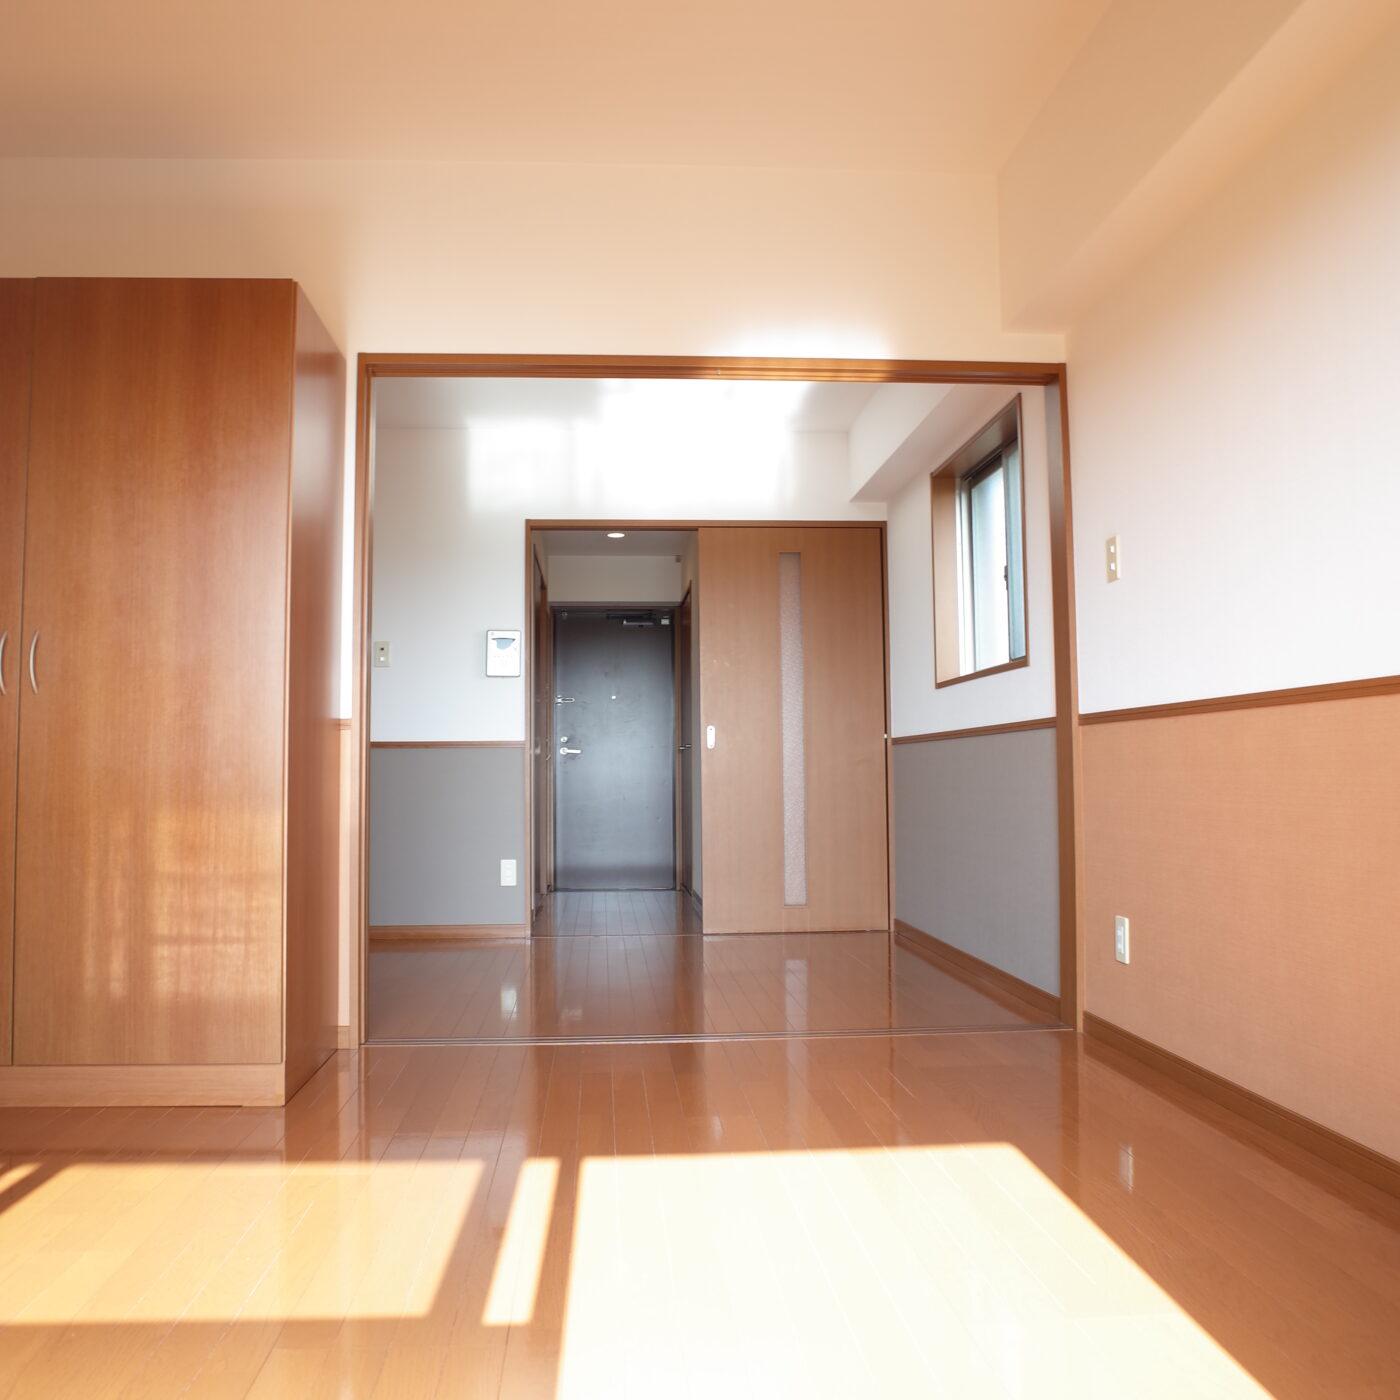 九州大学 伊都キャンパス 学生 賃貸 マンション